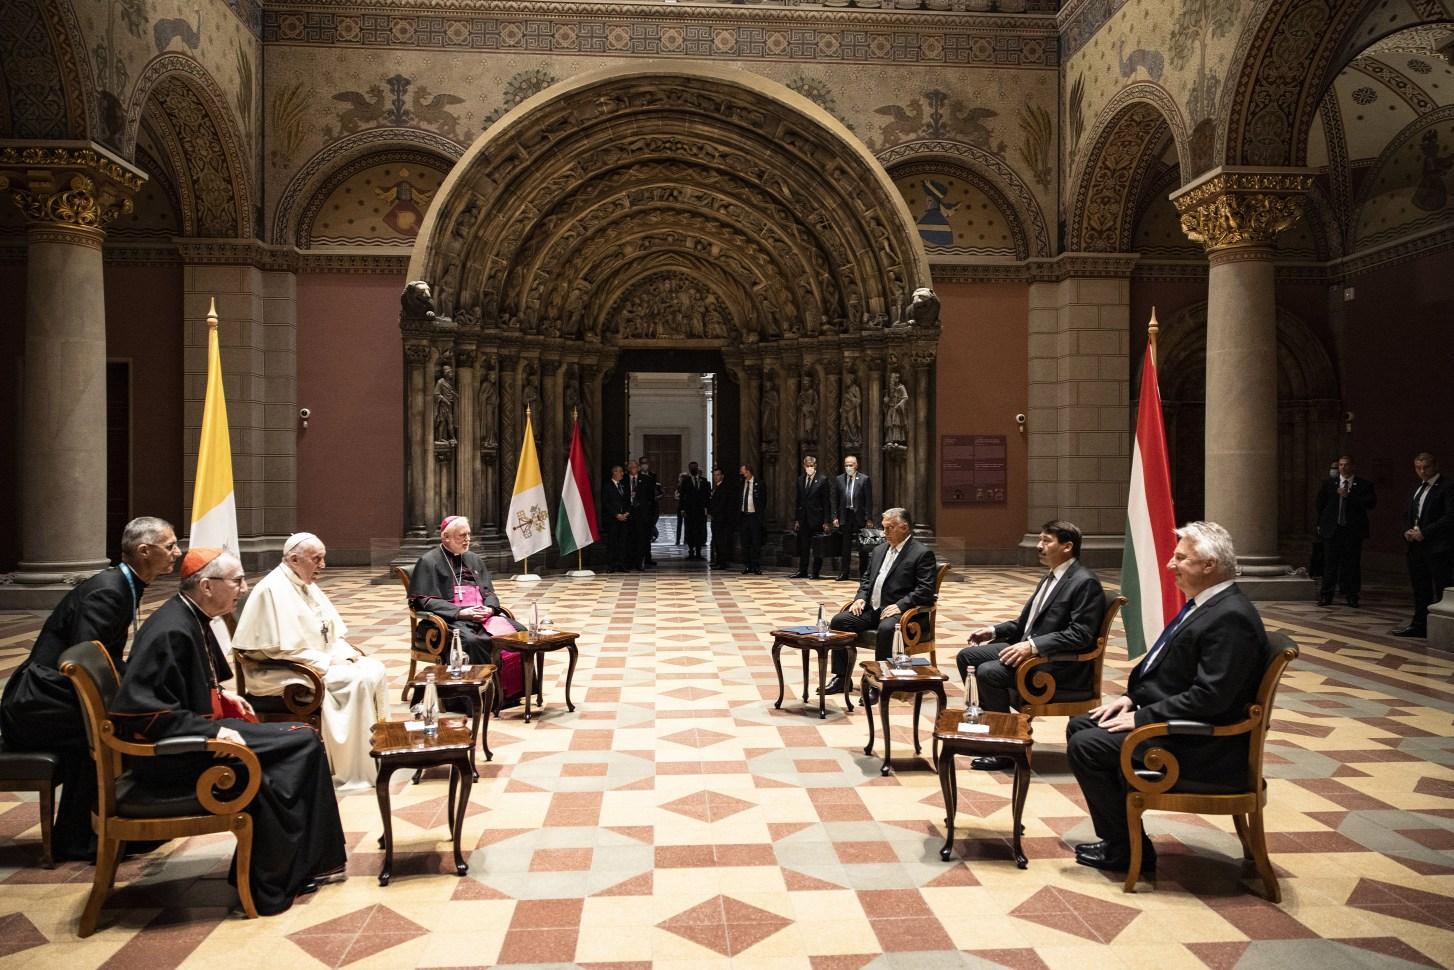 Rencontre entre le Pape François et Viktor Orban